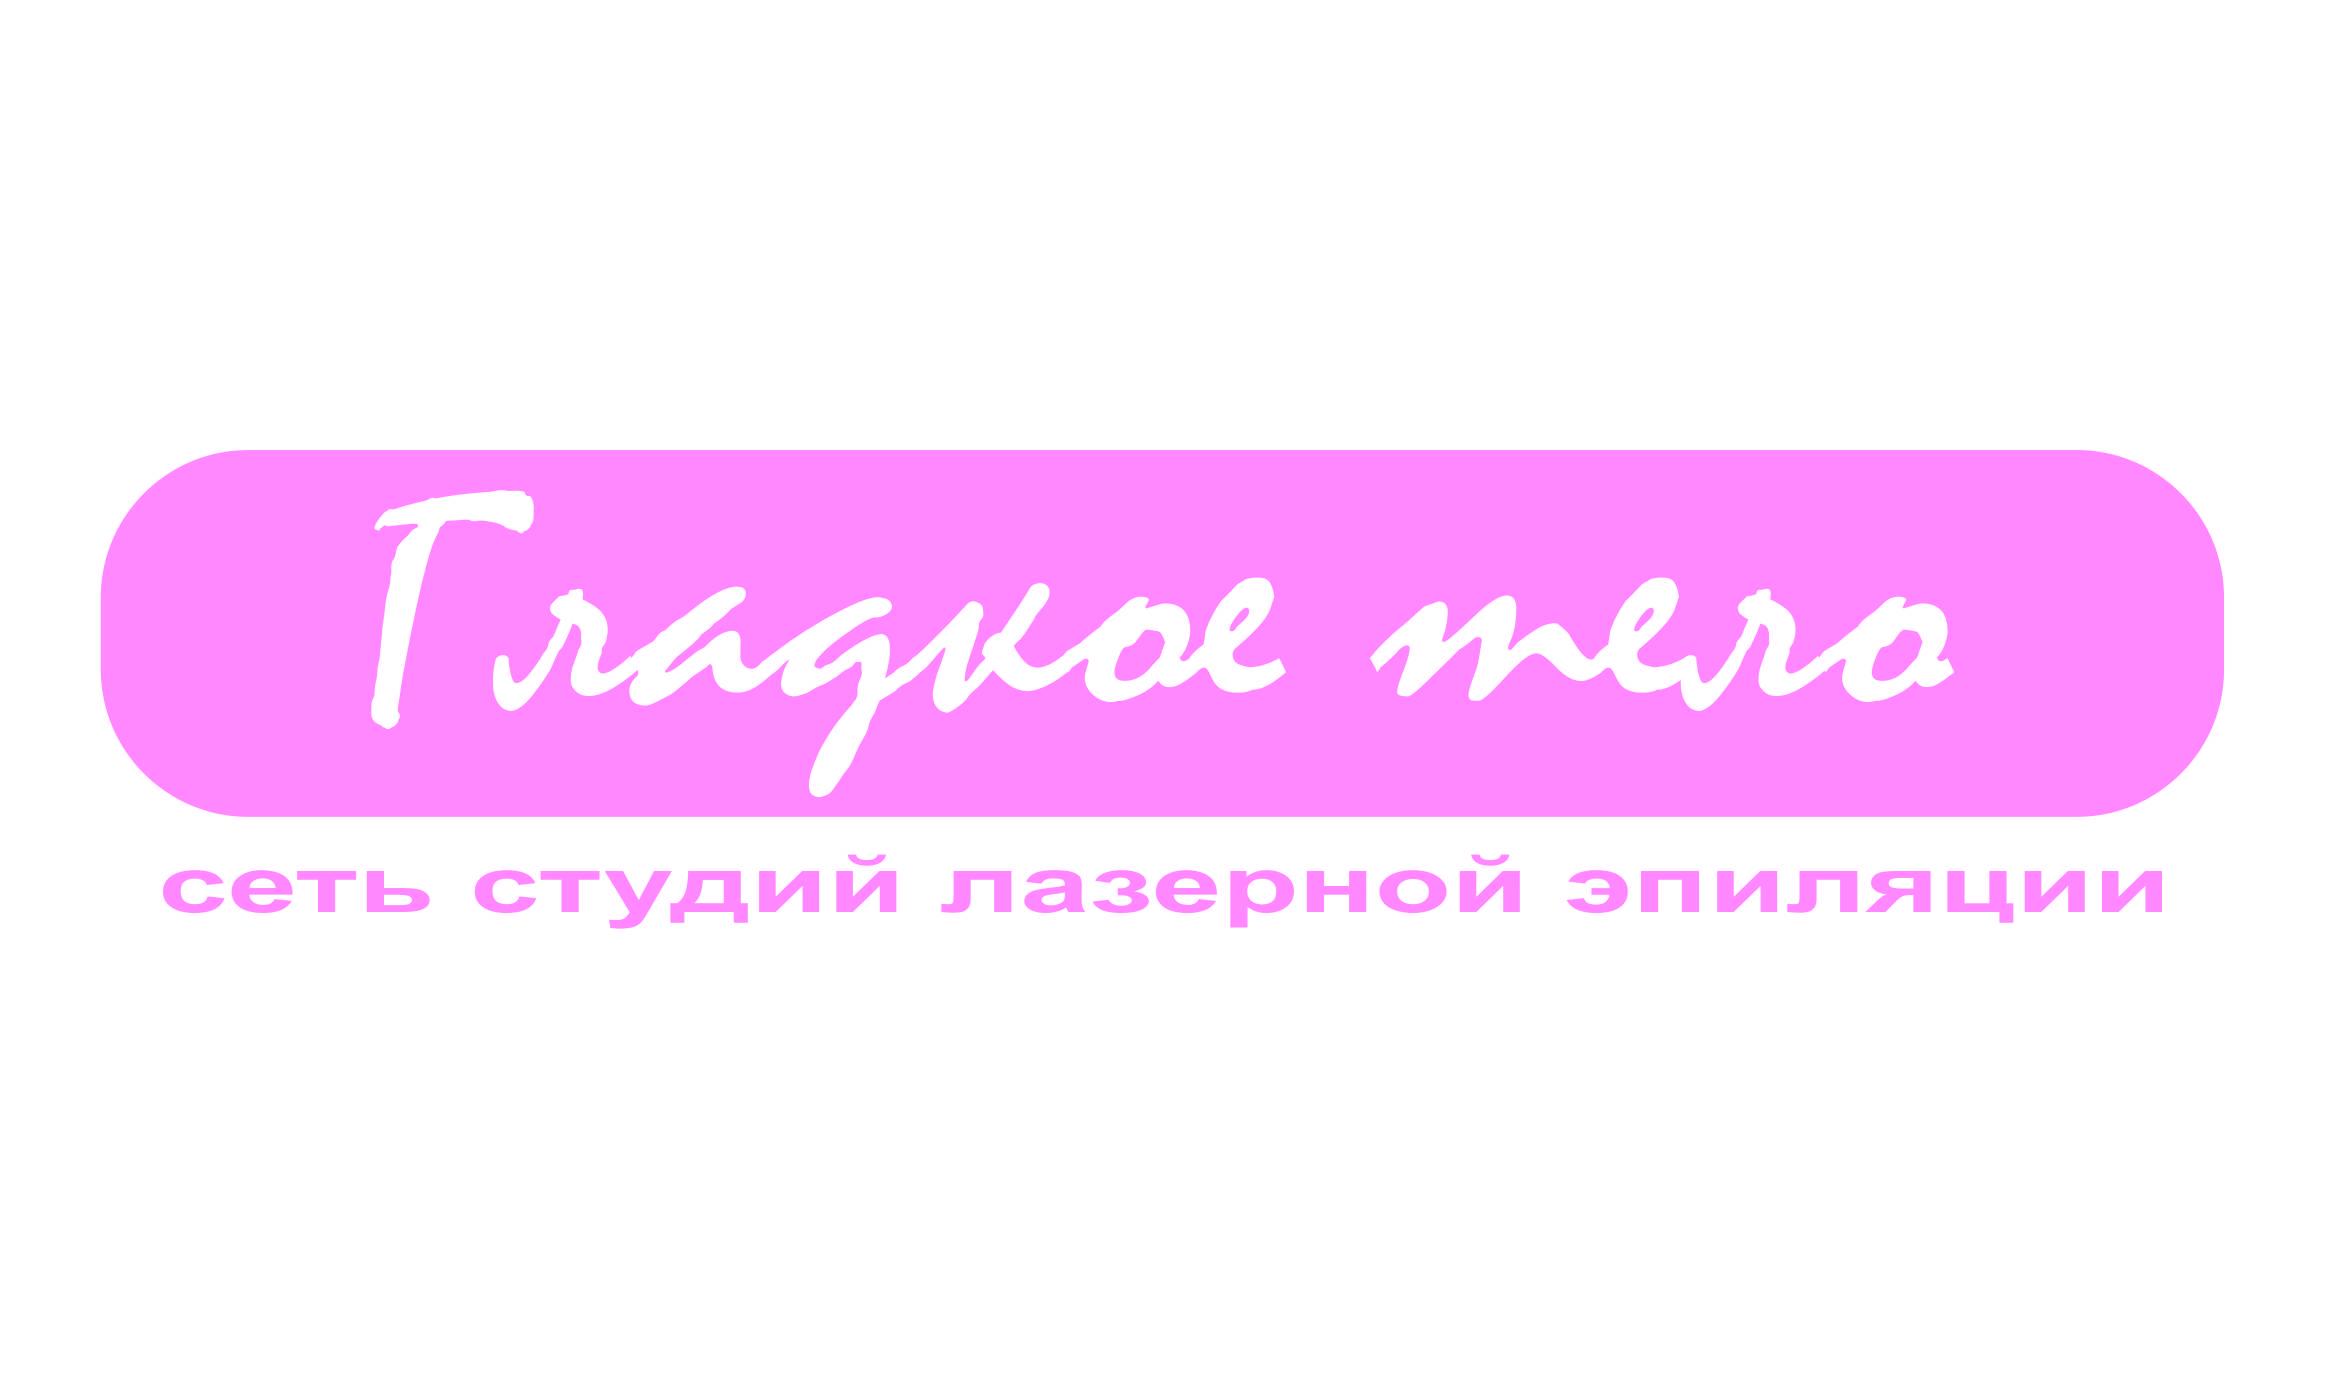 Логотип для сети студий лазерной эпиляции фото f_6215a51d7a886284.jpg